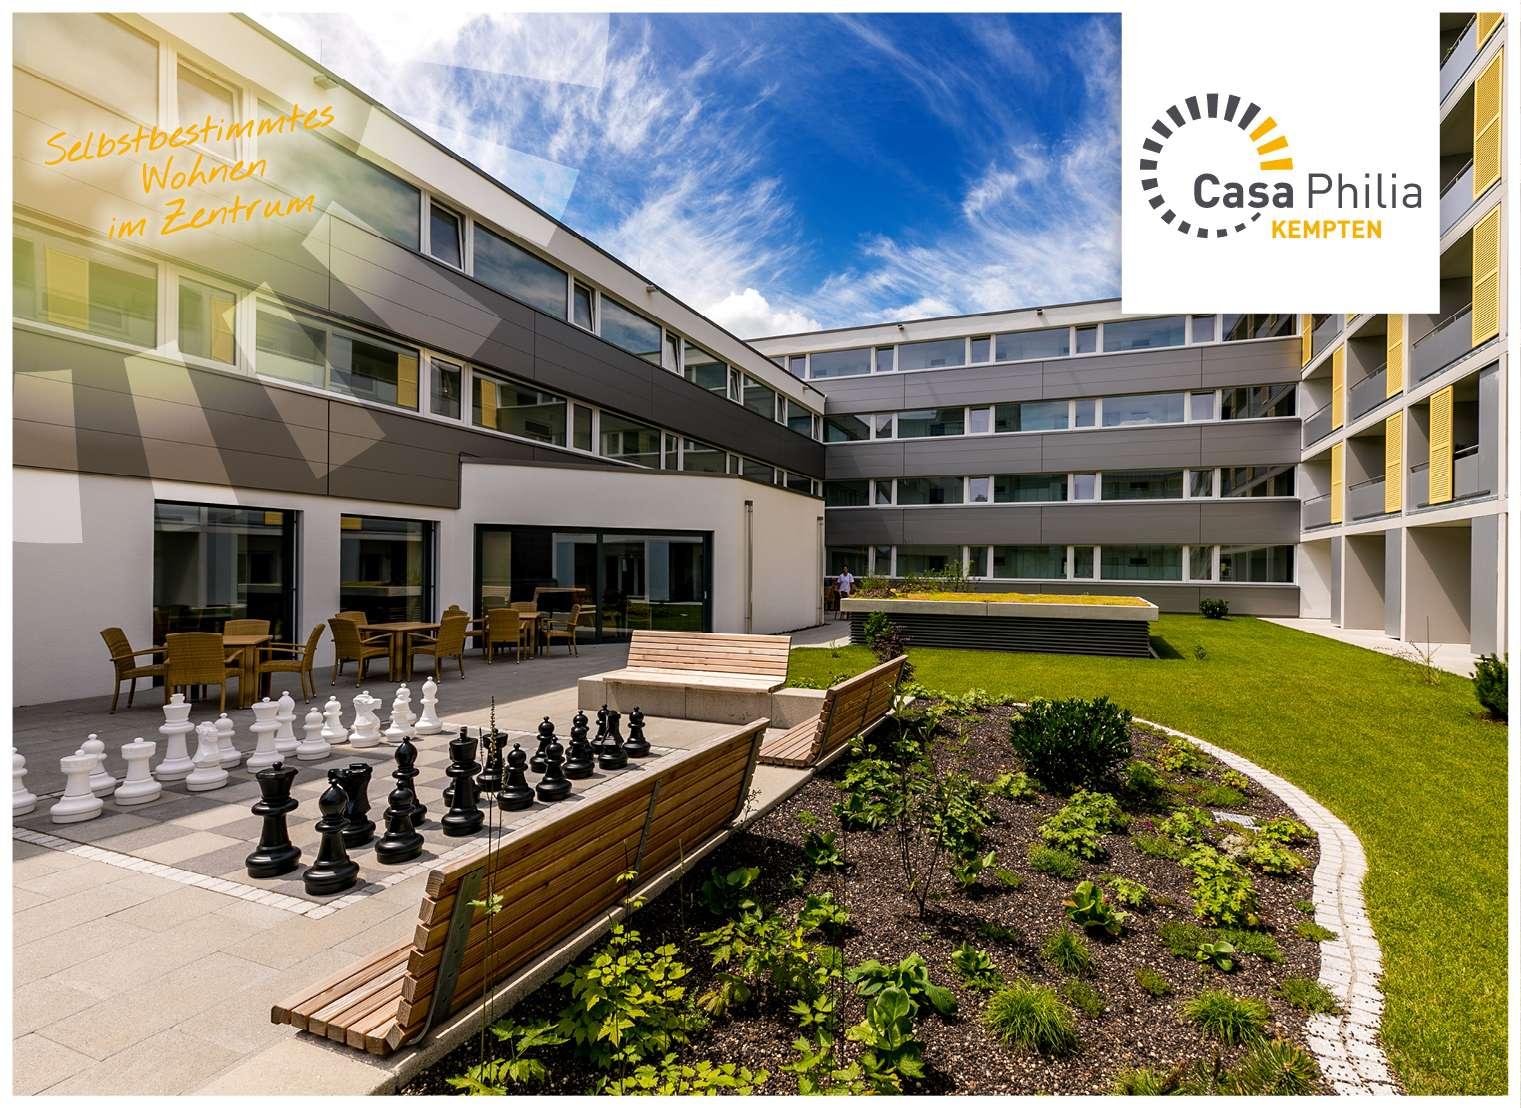 Wohnen ab 65 – direkt im Zentrum – mit oder ohne Pflege - im Casa Philia in Kempten (Allgäu)-Innenstadt